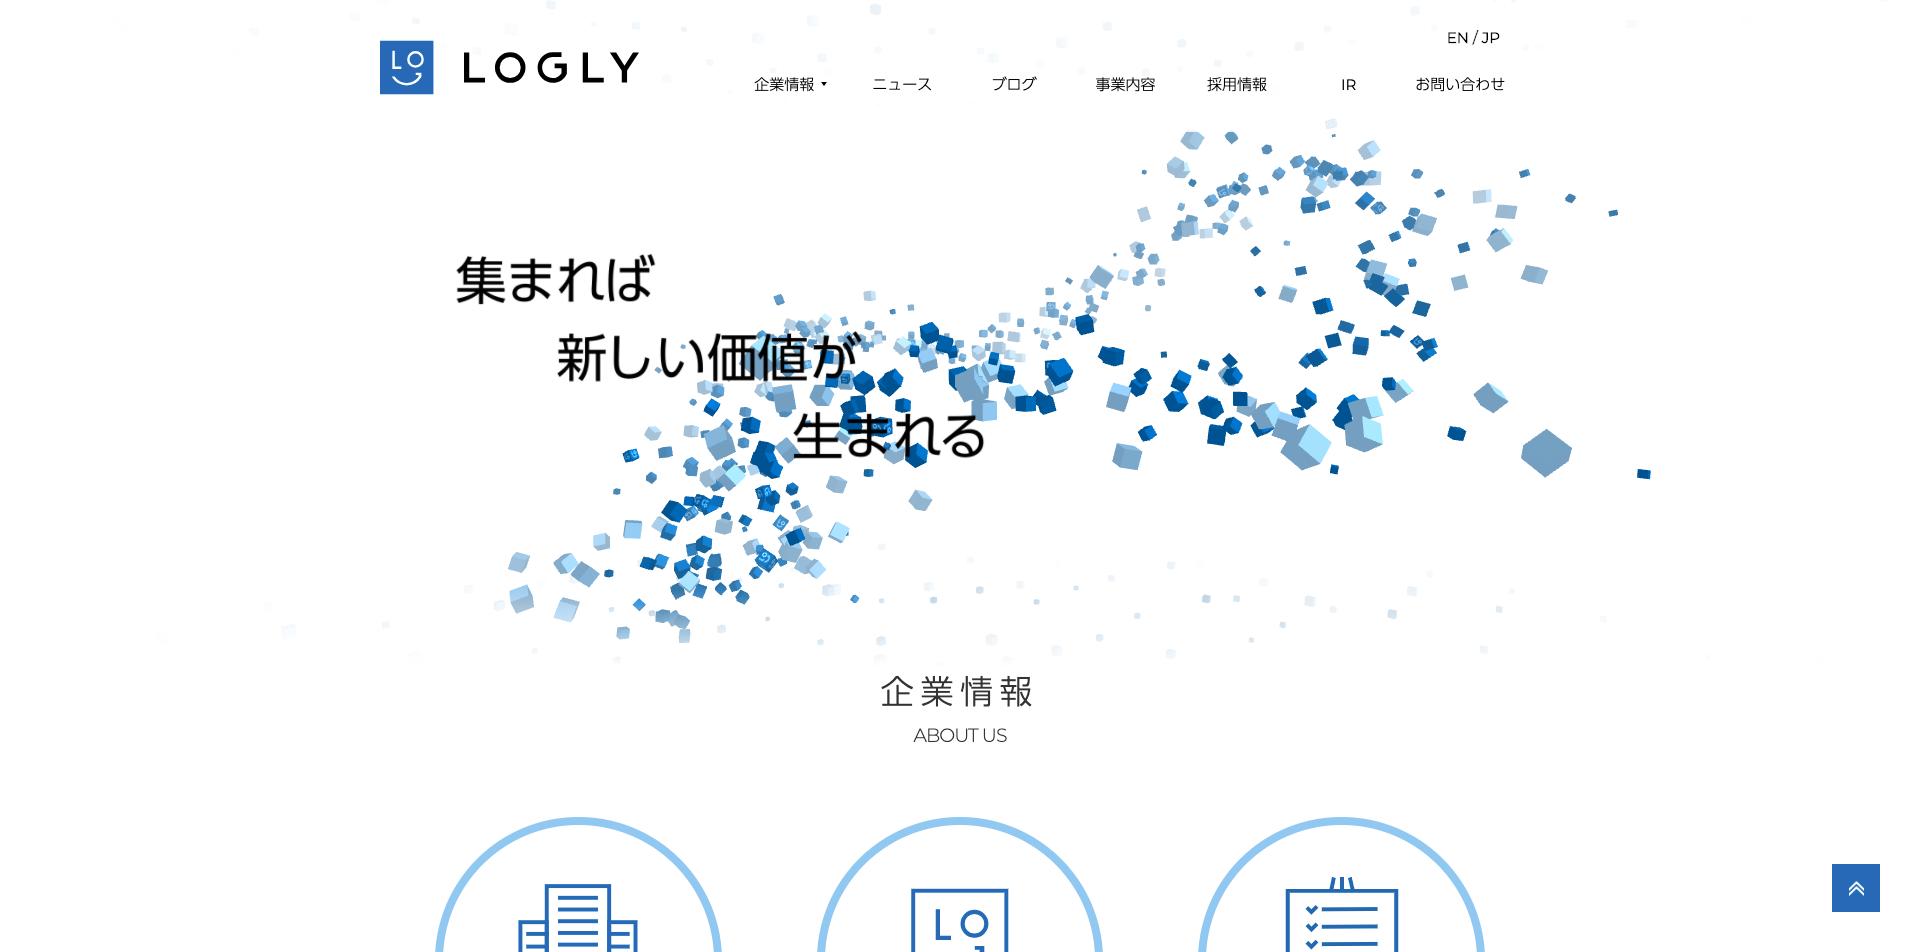 オウンドメディアに強いコンサルティング会社_ログリー株式会社